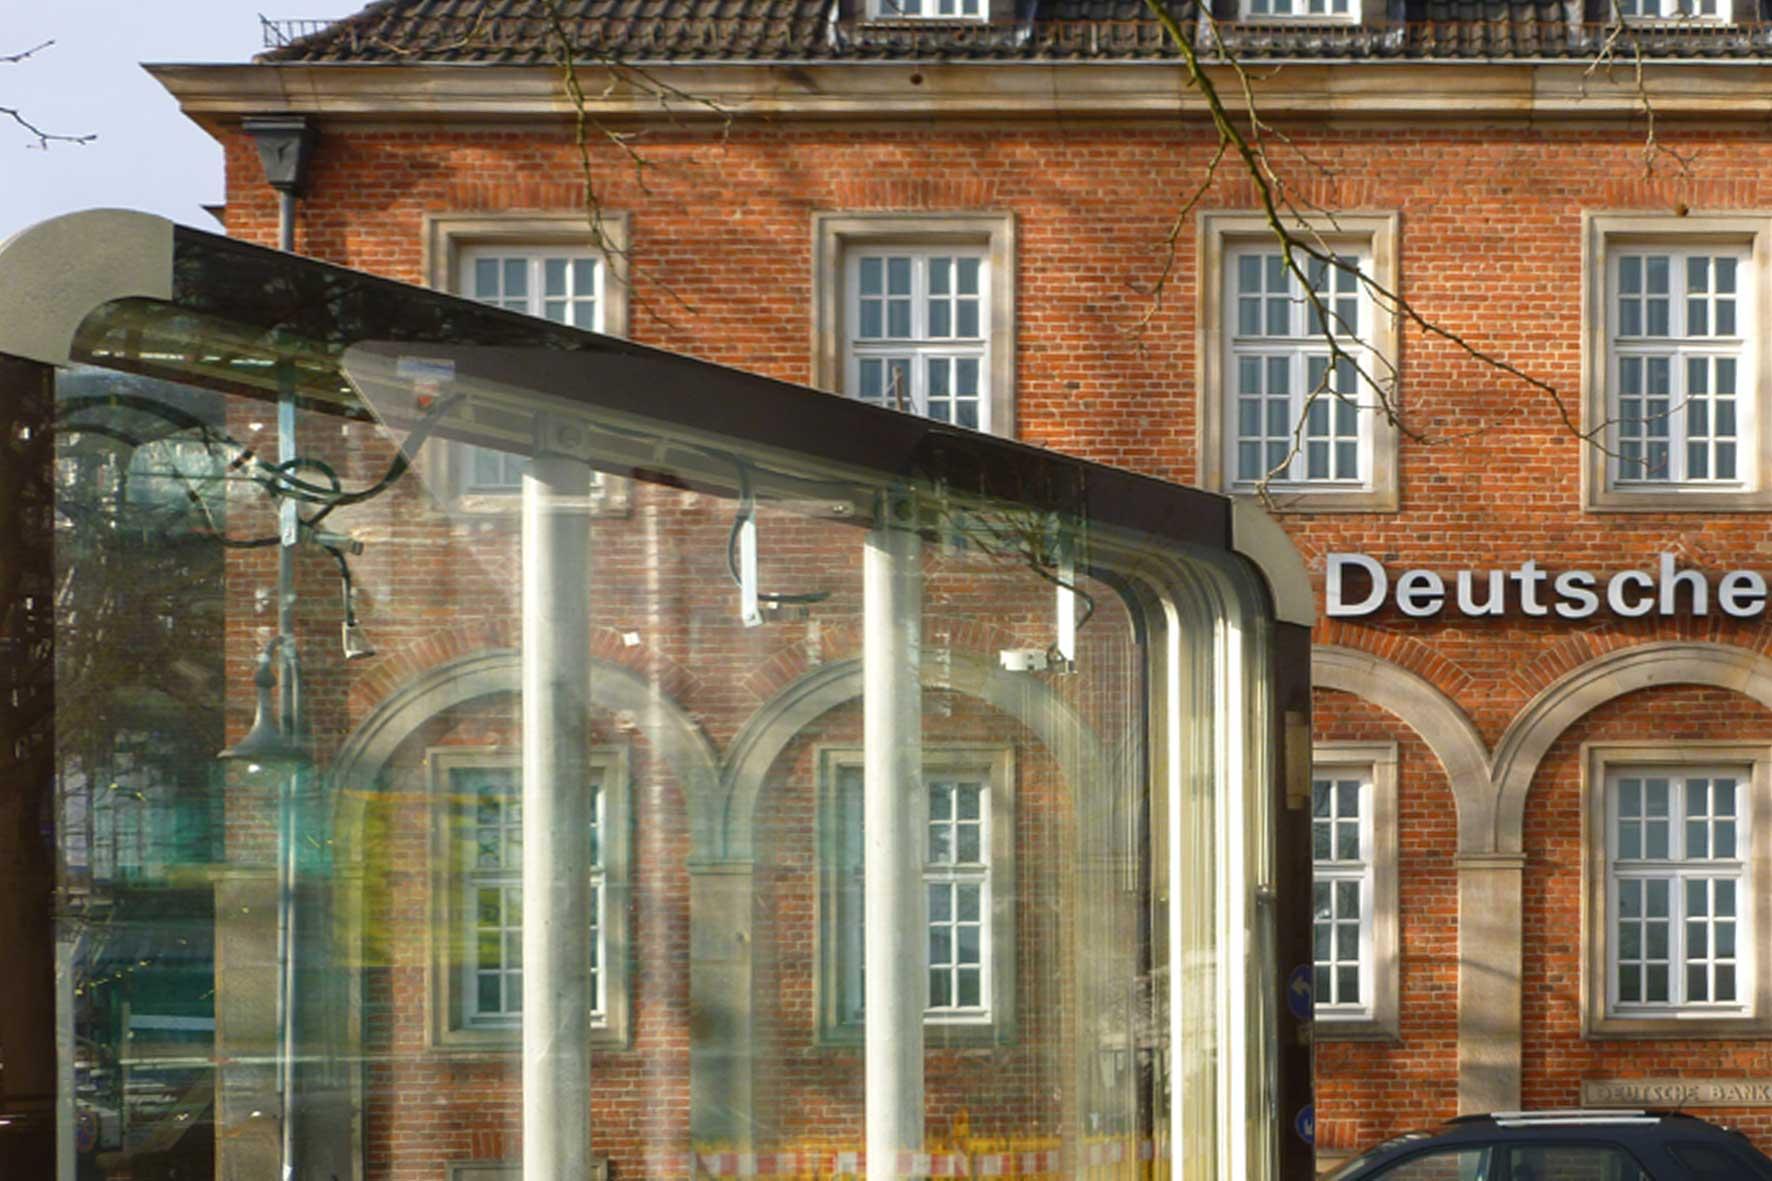 Vor der deutschen Bank